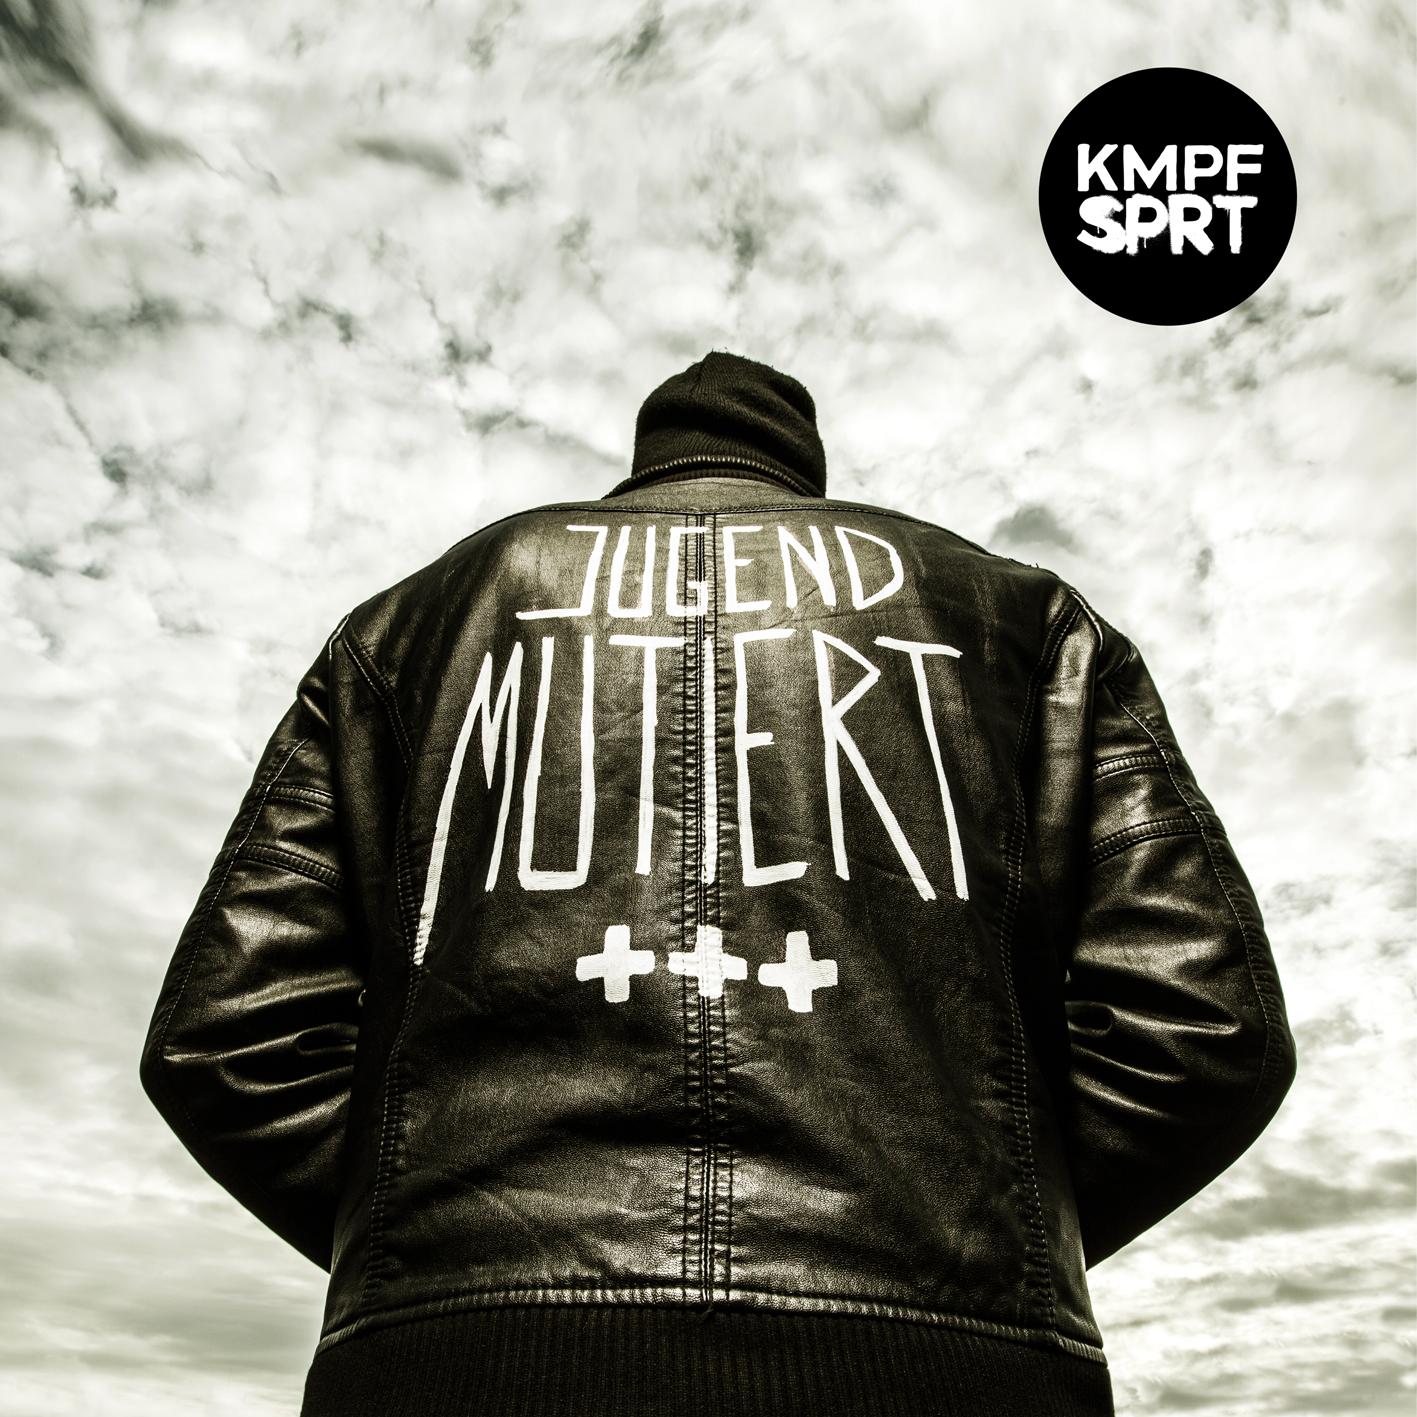 Jugend mutiert